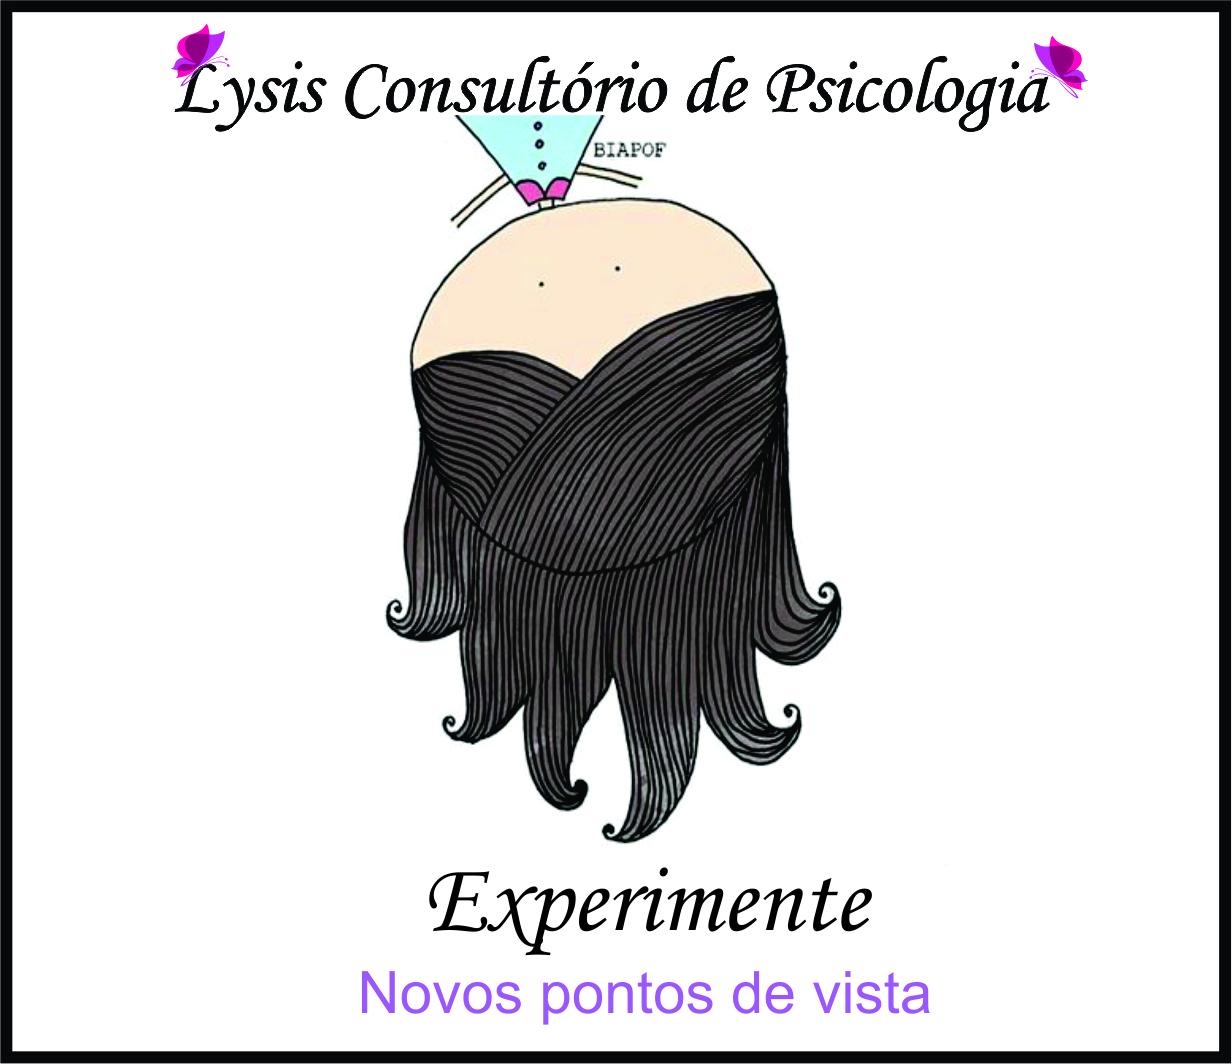 Experimente-mudar-psicologia-lysis